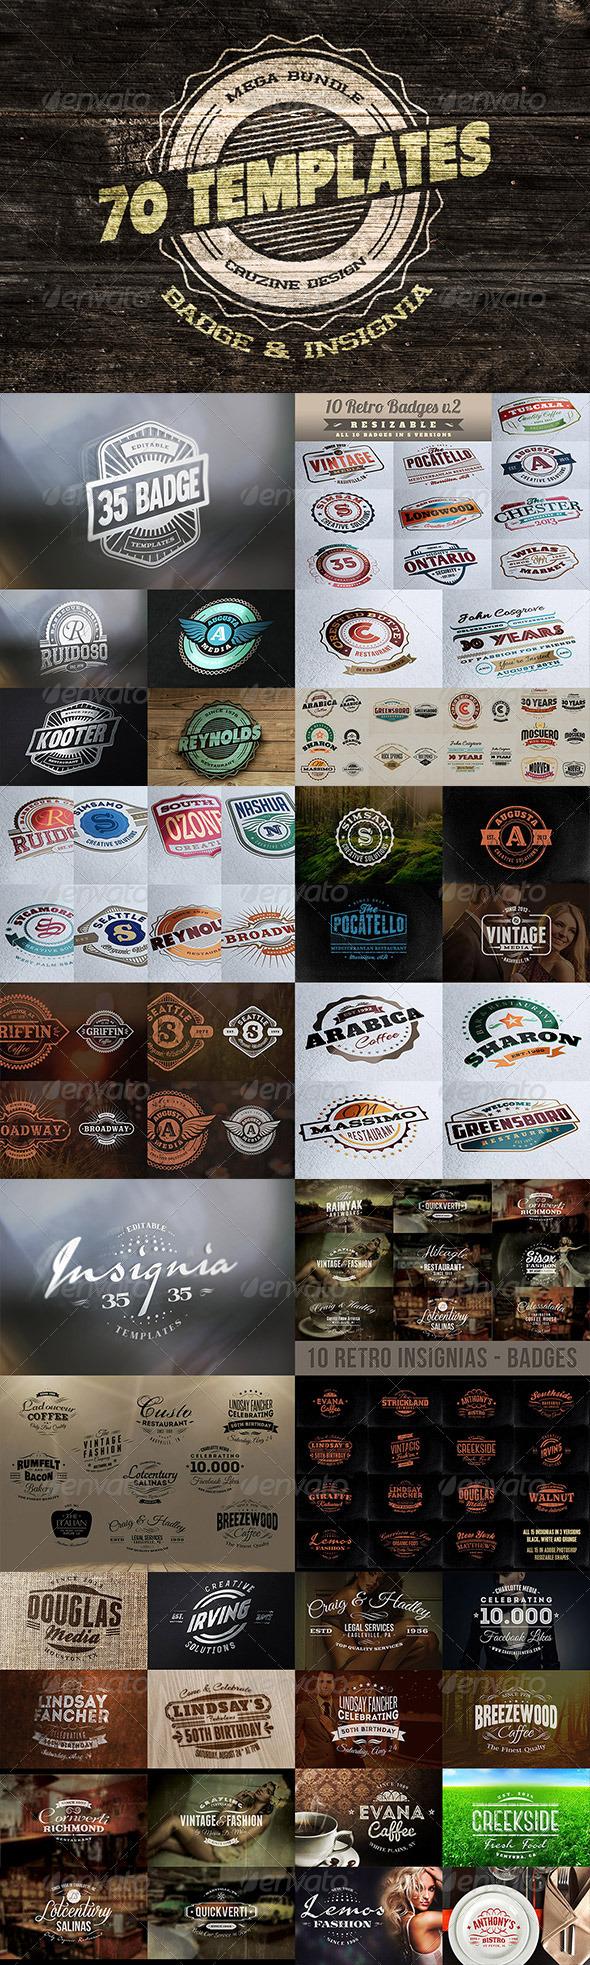 http://graphicriver.net/item/10-retro-insignias-badges/4892998